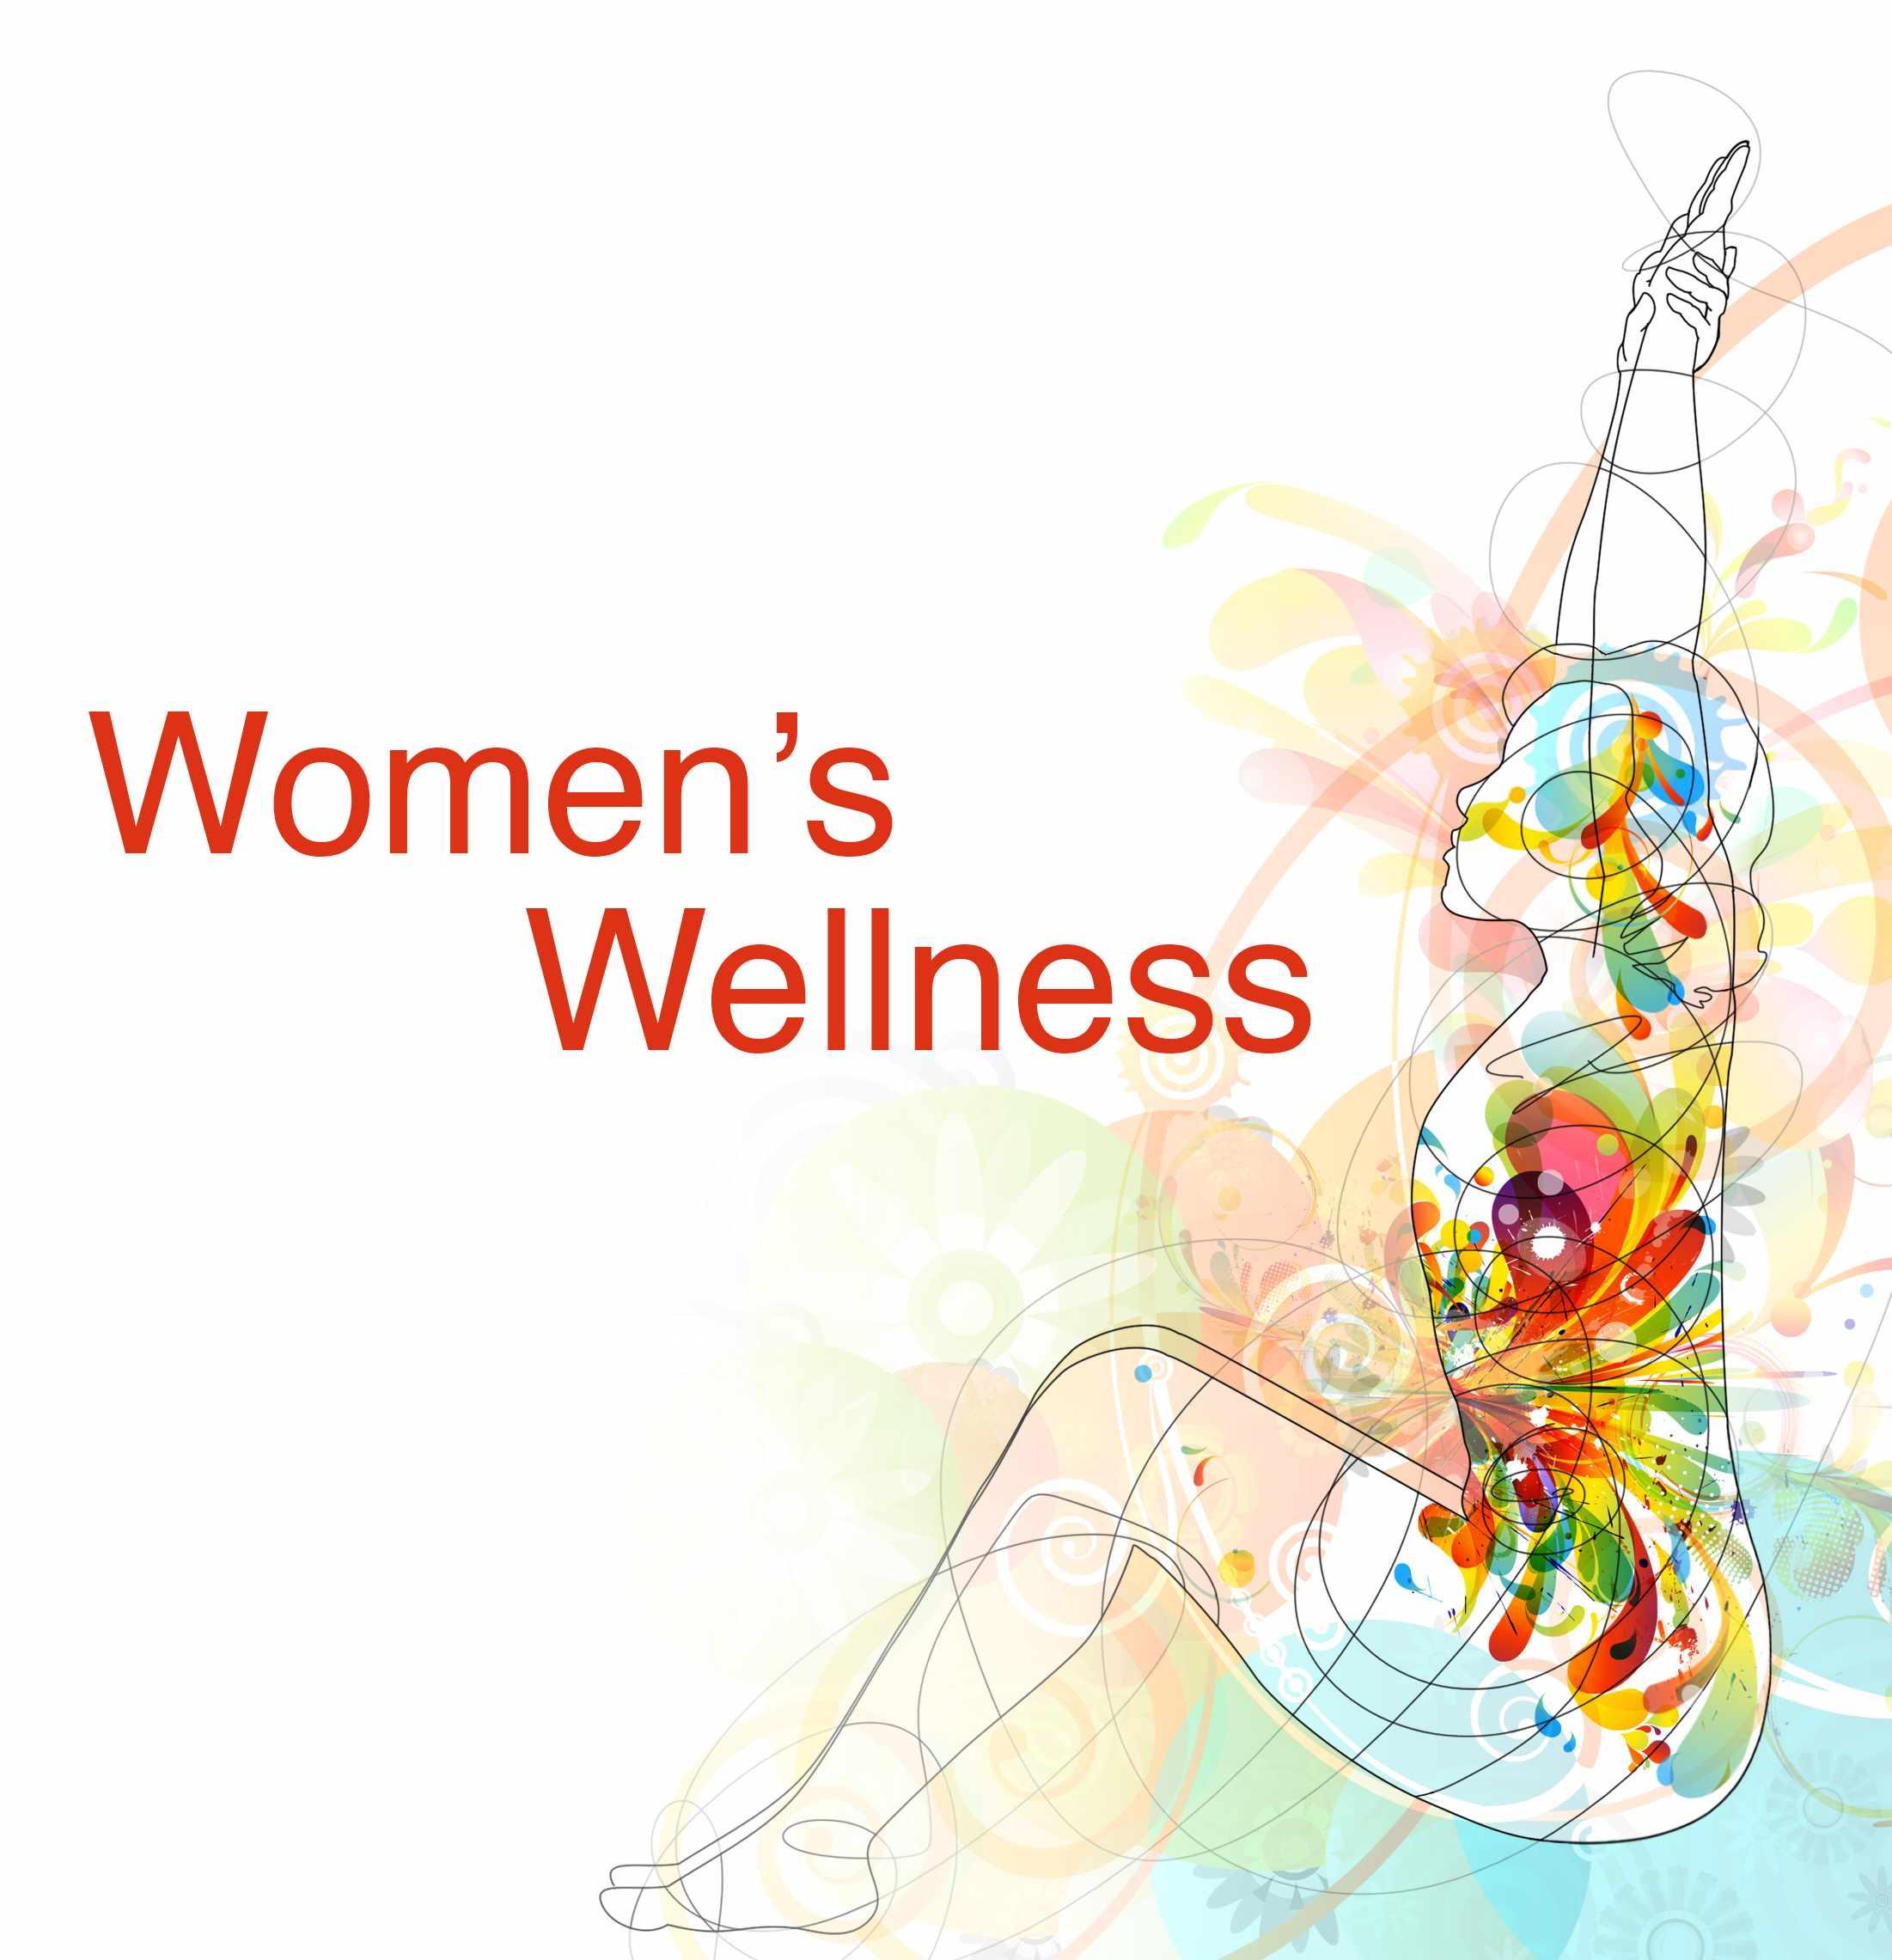 Women's Wellness logo